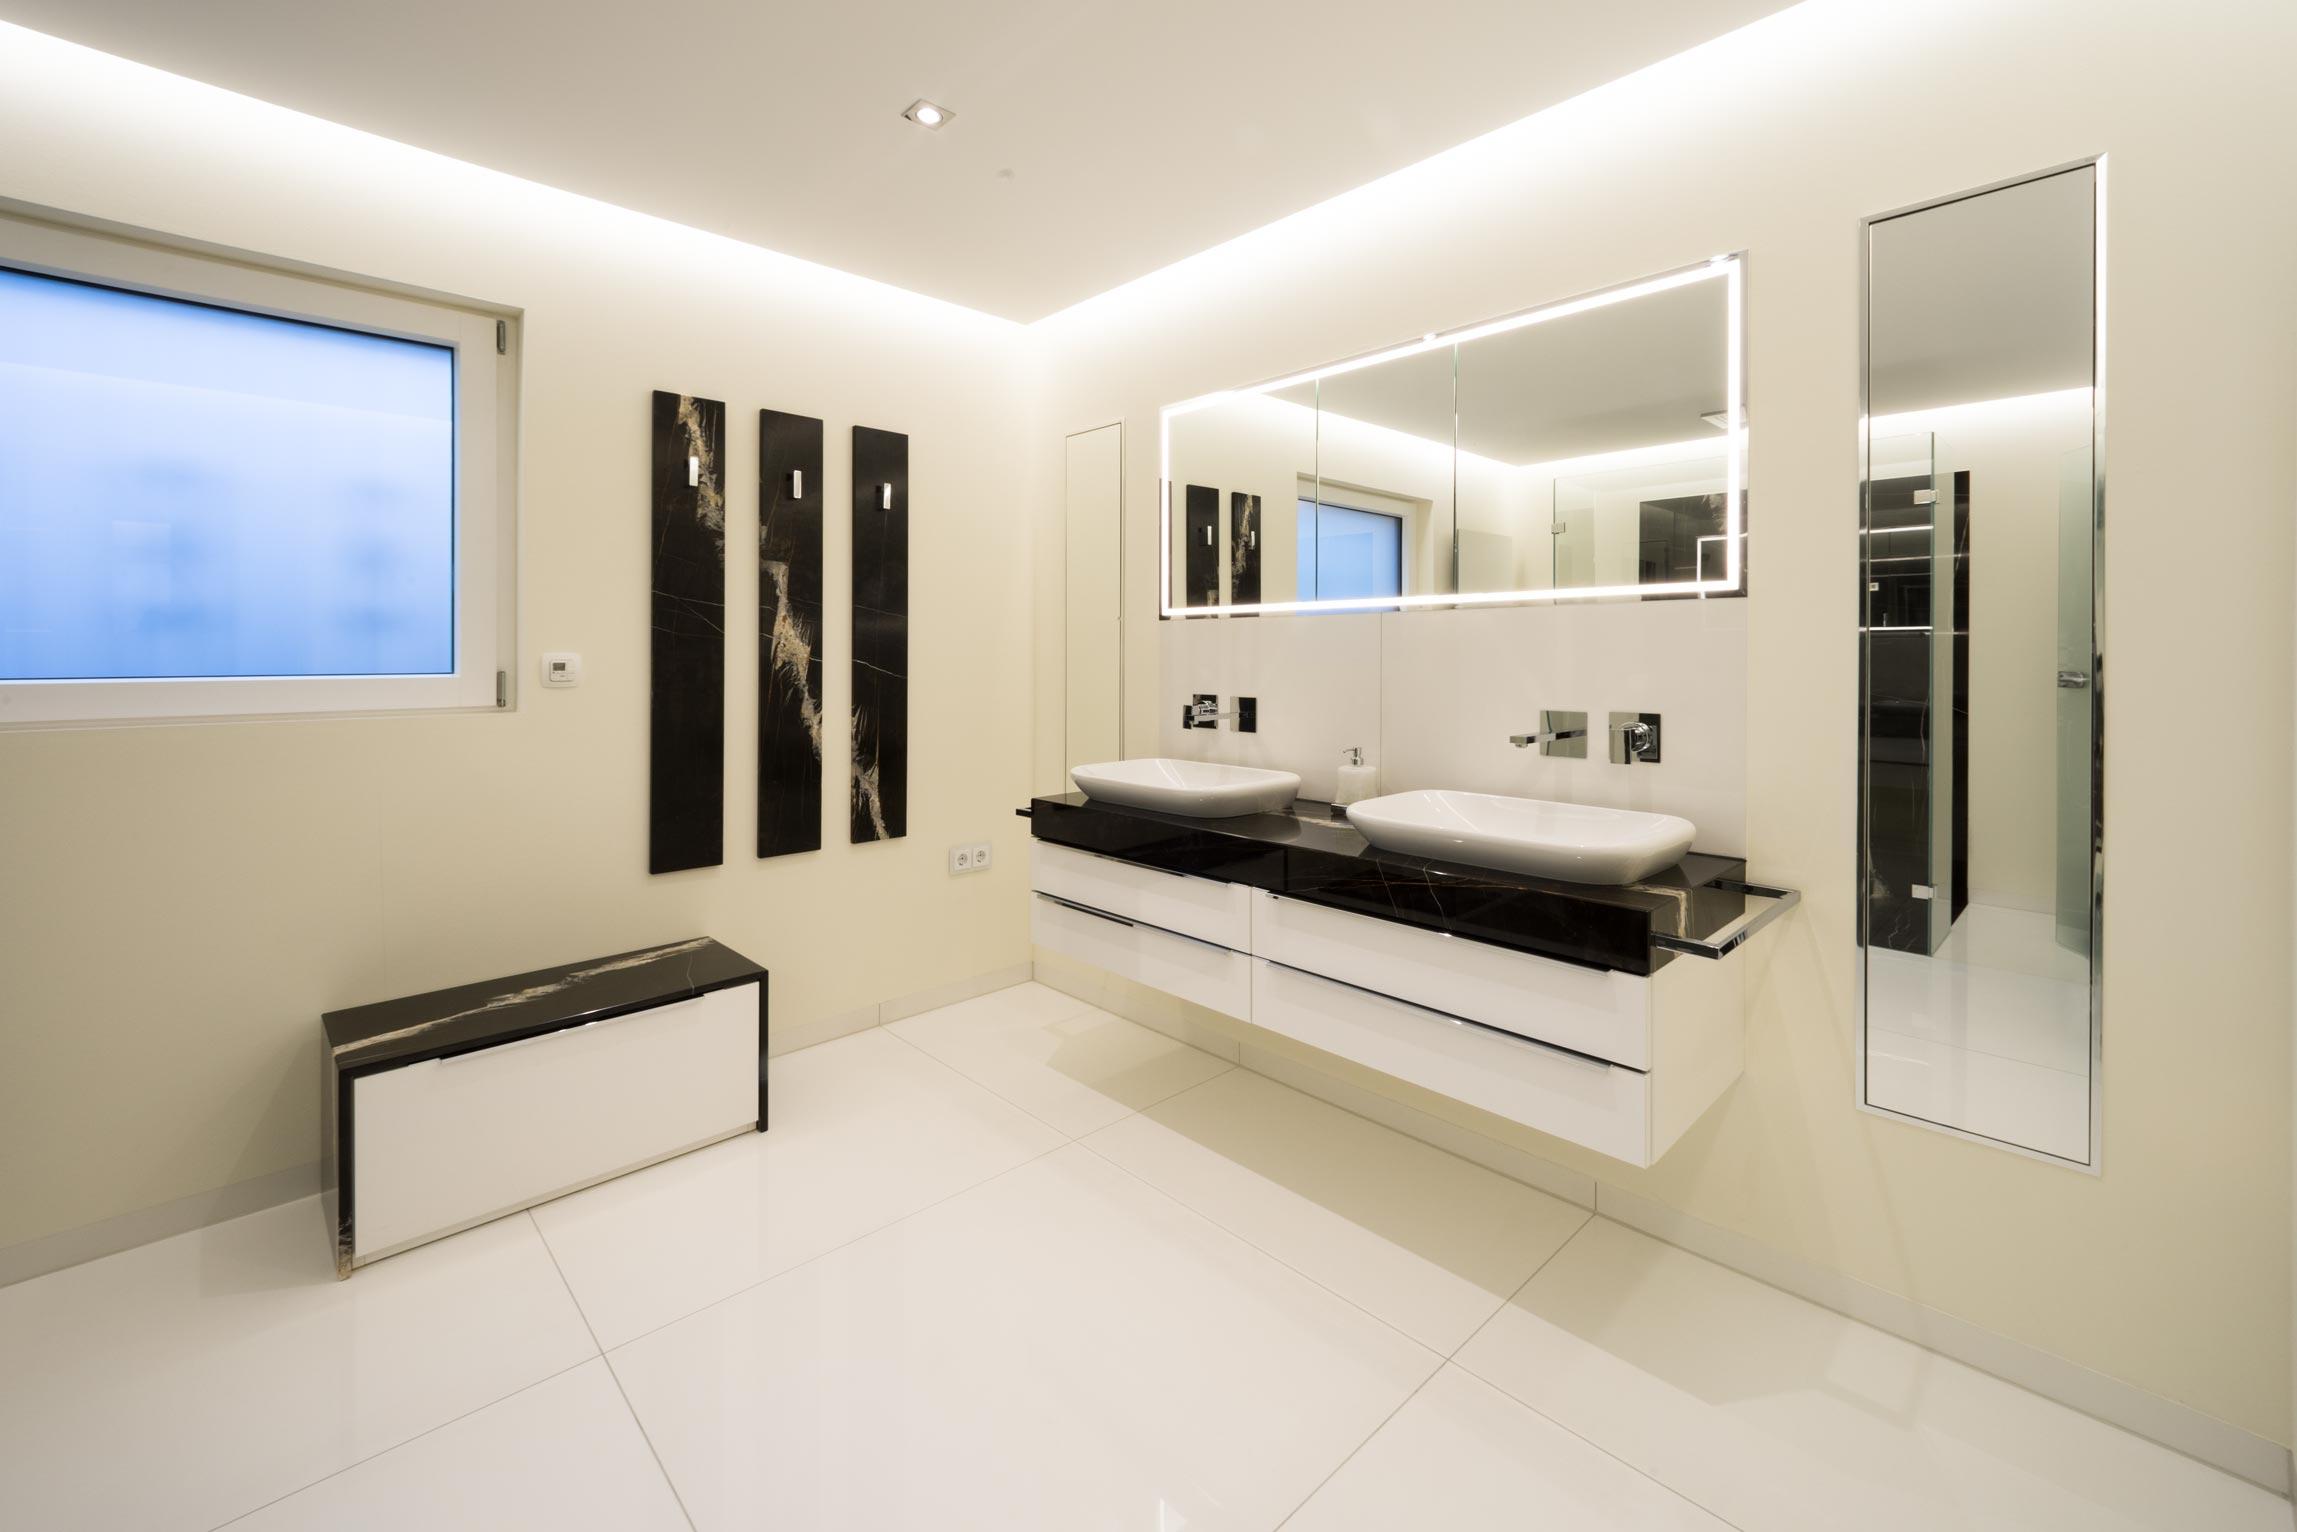 strau badezimmer in der zeitschrift das bad. Black Bedroom Furniture Sets. Home Design Ideas